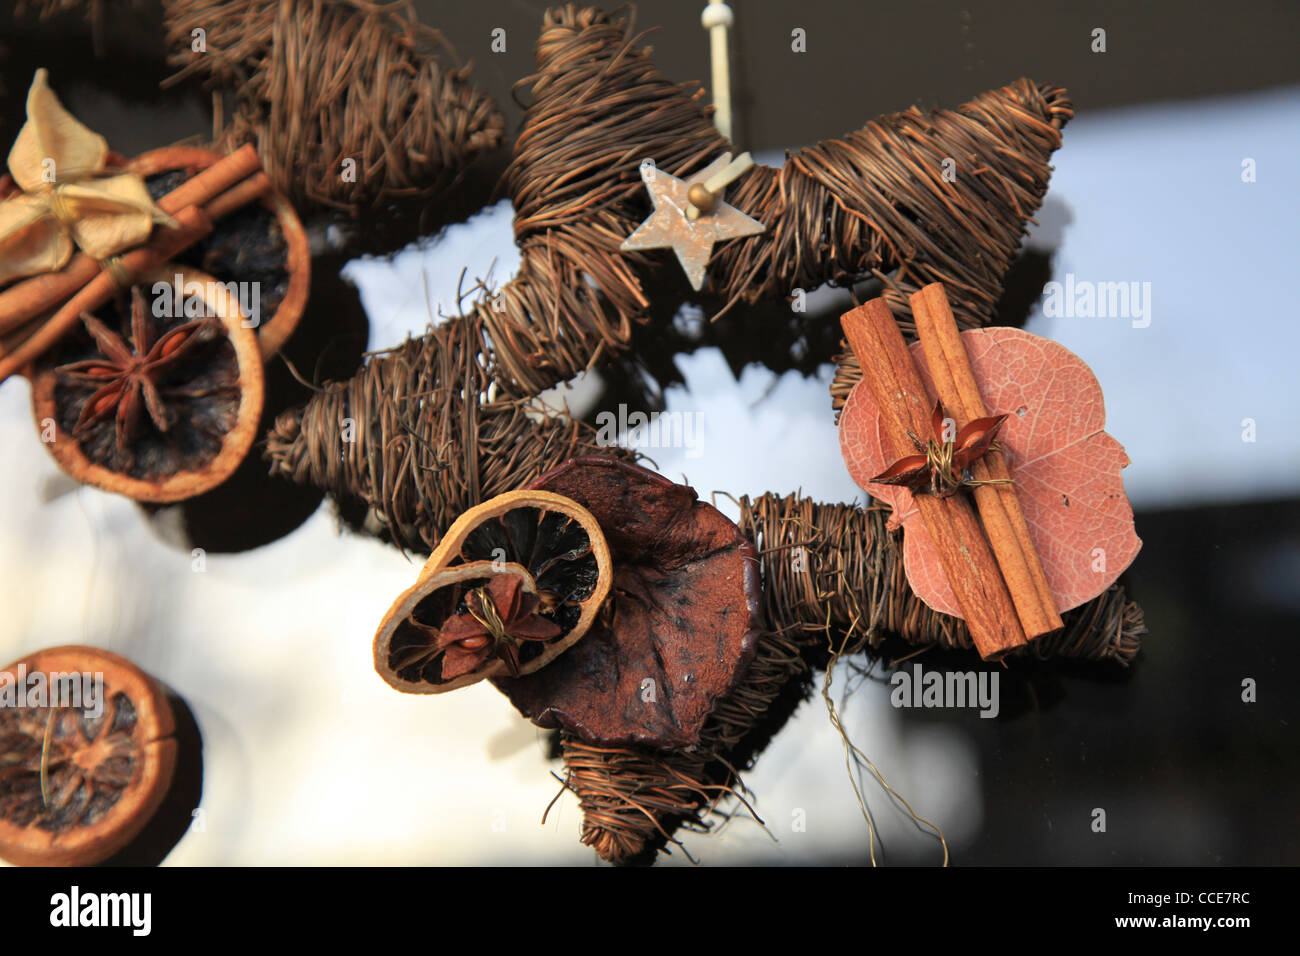 Weihnachtsstern, natürlich, Dekoration, filigran, braun, Trockenblumen,Sonne, hell, Stern, Deko, Türdekoration, - Stock Image